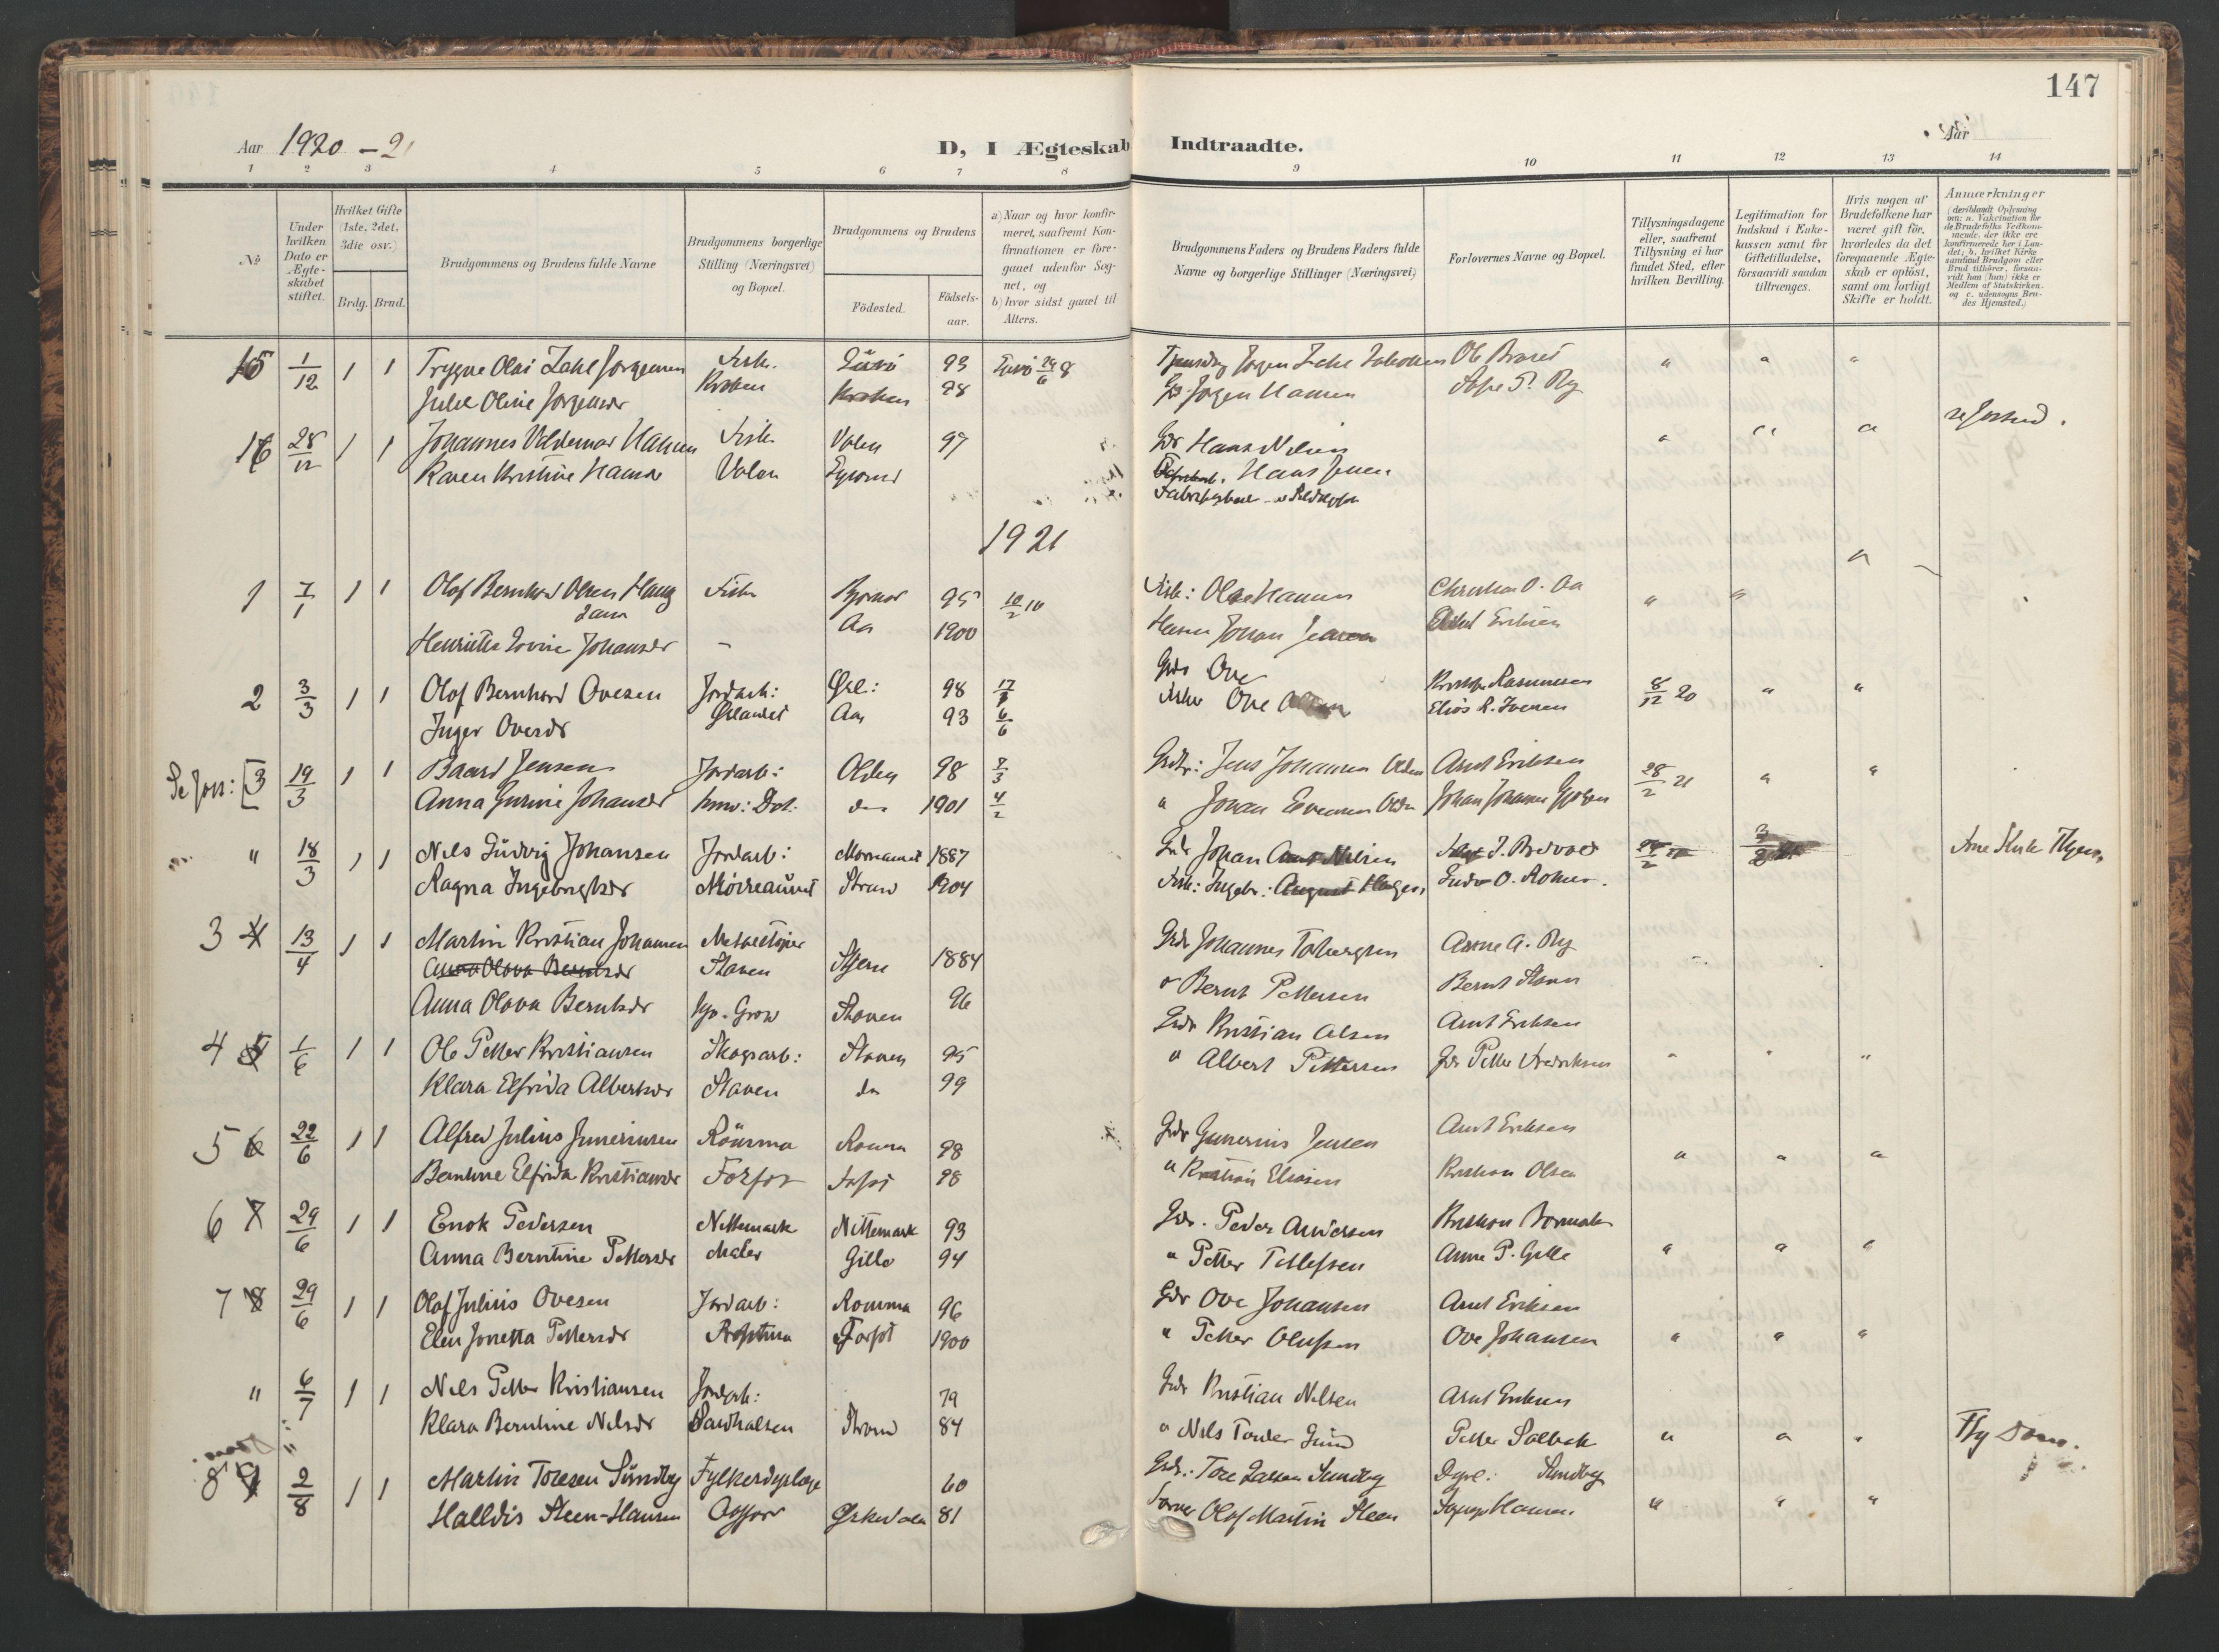 SAT, Ministerialprotokoller, klokkerbøker og fødselsregistre - Sør-Trøndelag, 655/L0682: Ministerialbok nr. 655A11, 1908-1922, s. 147